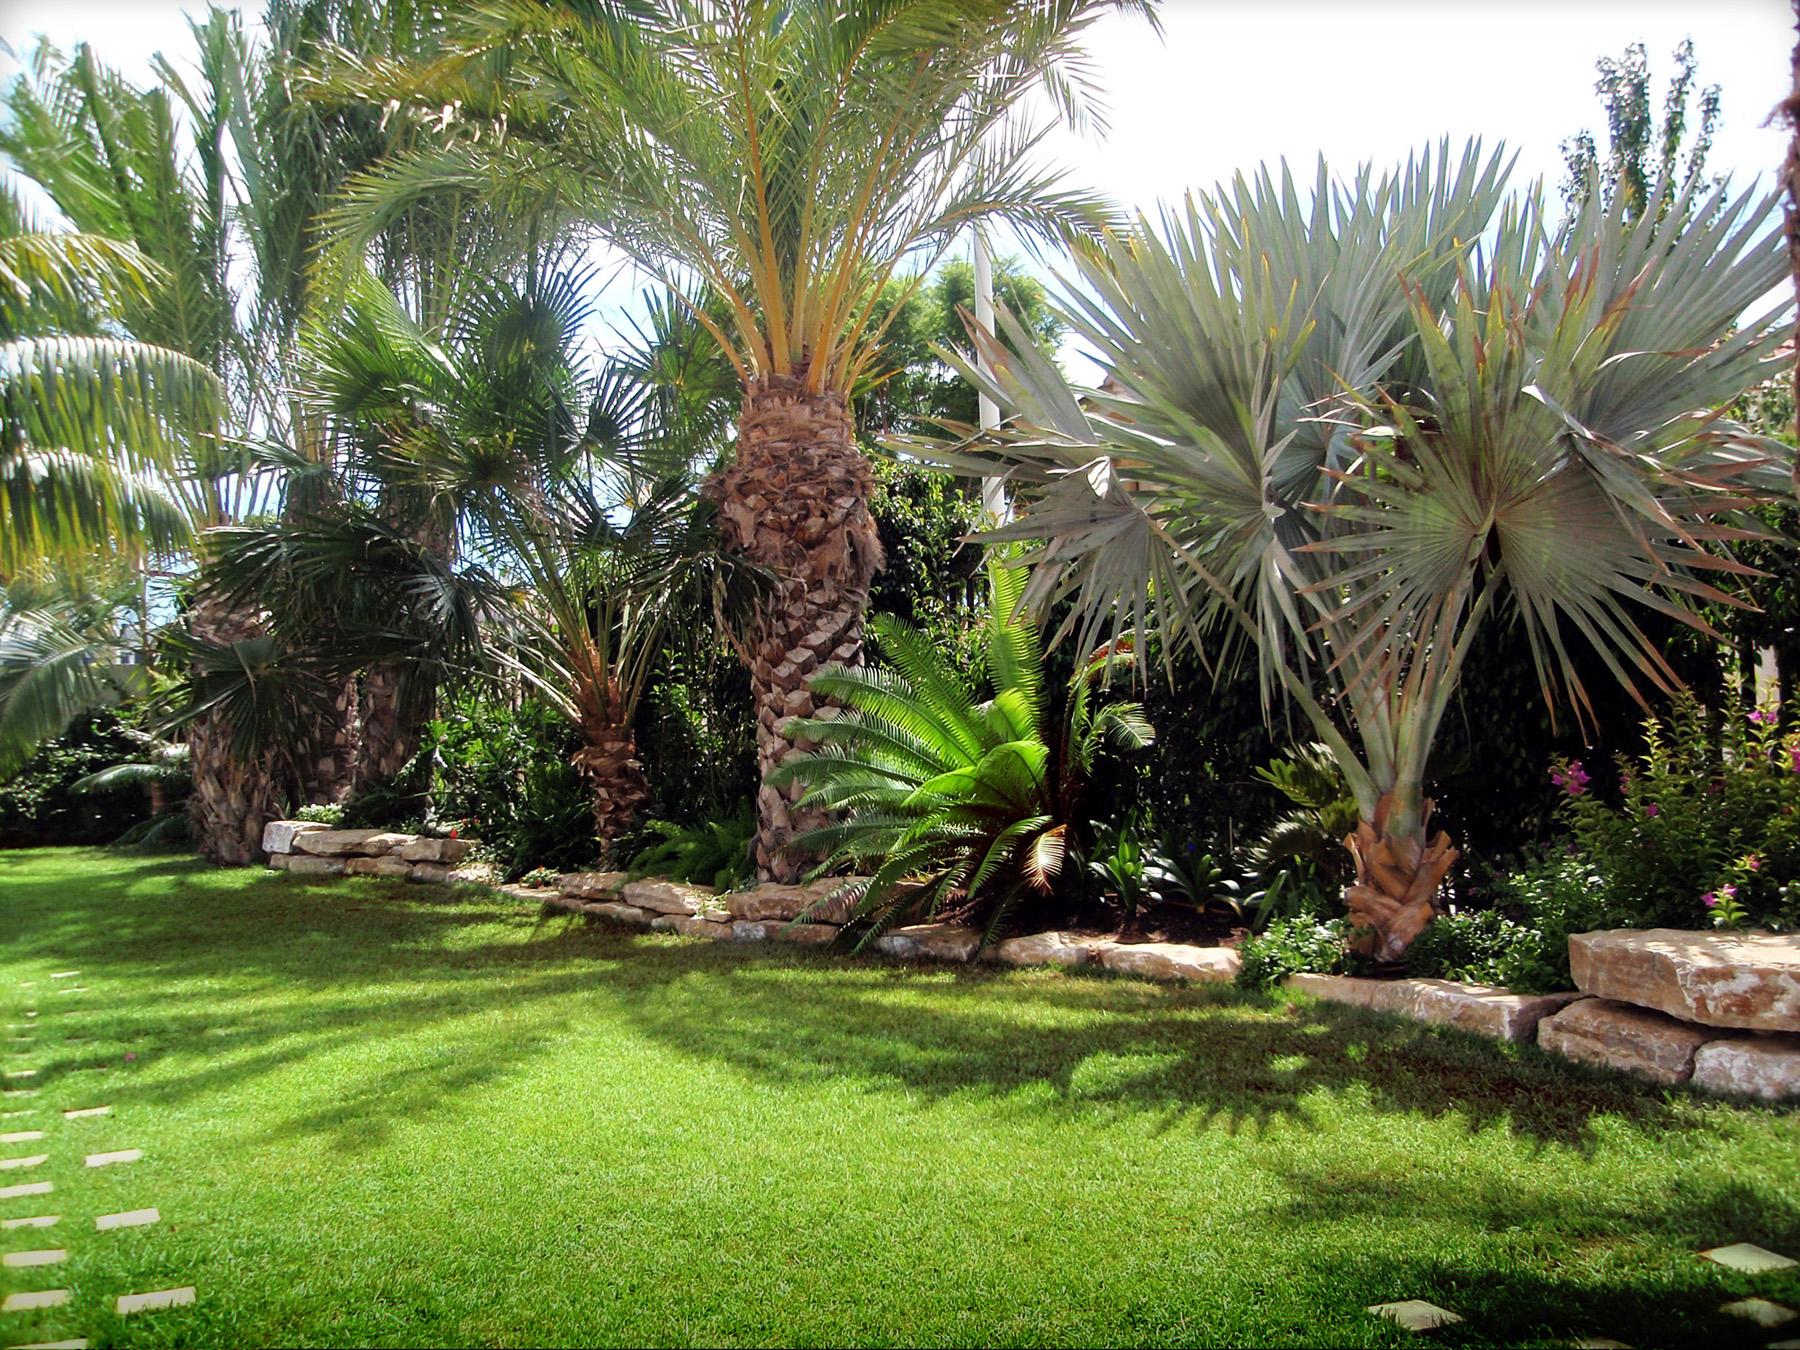 El jard n de to i y juan en elche jard n mediterr neo Plantas jardin mediterraneo